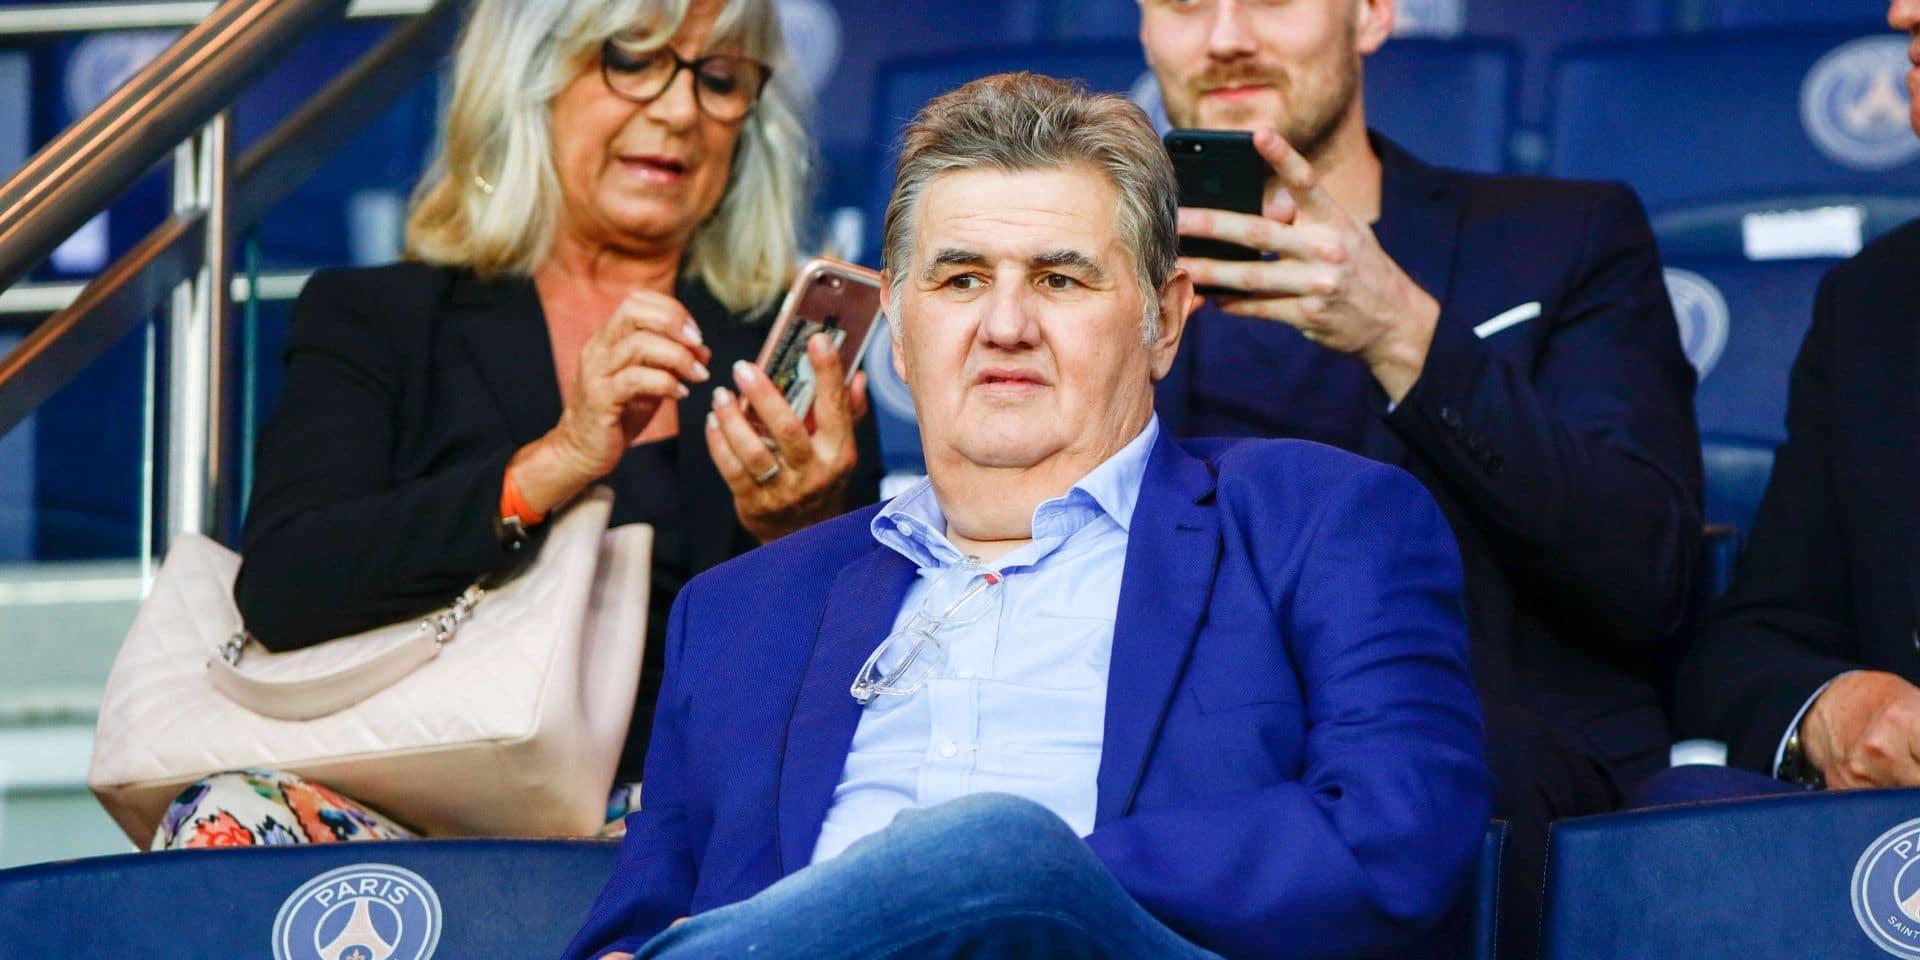 Après la polémique, l'éditeur du jeu Fifa cesse sa collaboration avec Pierre Ménès